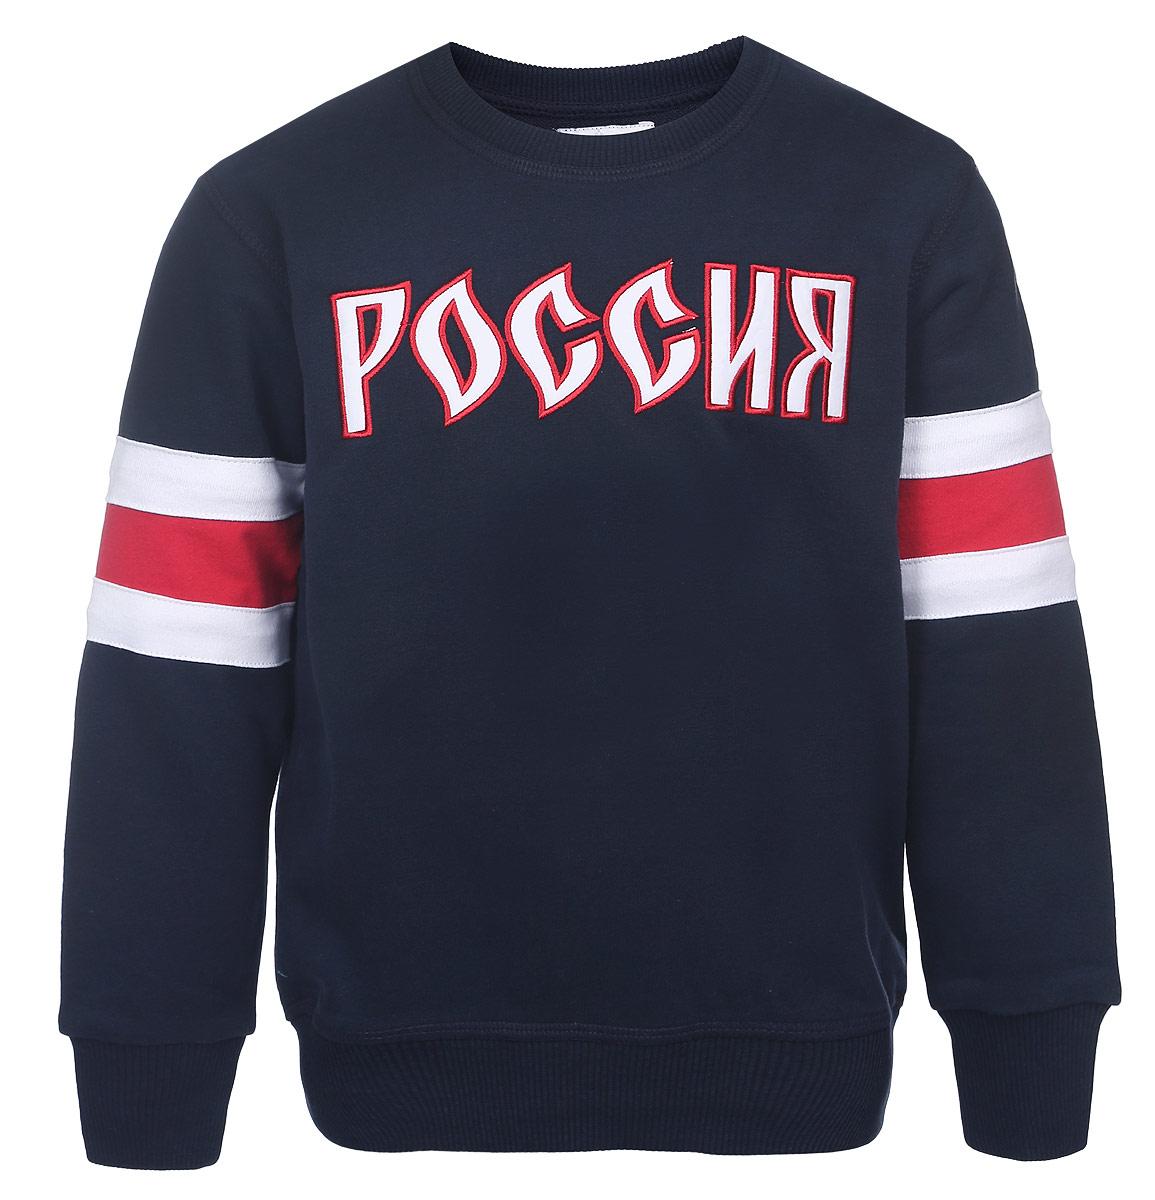 Толстовка с логотипом65160080/65160055Детский свитшот Красная Машина Россия, выполненный из хлопка с добавлением полиэстера, станет ярким дополнением к гардеробу юного поклонника хоккея. Ткань изделия необычайно мягкая, тактильно приятная, не сковывает движения и позволяет коже дышать. Лицевая сторона свитшота гладкая, изнаночная - с небольшими петельками. Модель с круглым вырезом горловины и длинными рукавами оформлена аппликацией в виде надписи. Вырез горловины дополнен трикотажной резинкой. Рукава имеют широкие манжеты, не стягивающие запястья. Понизу проходит широкая трикотажная резинка. На рукаве изделие украшено вышитым логотипом сборной России по хоккею. Современный дизайн и высокое качество исполнения принесут удовольствие от покупки и подарят отличное настроение!